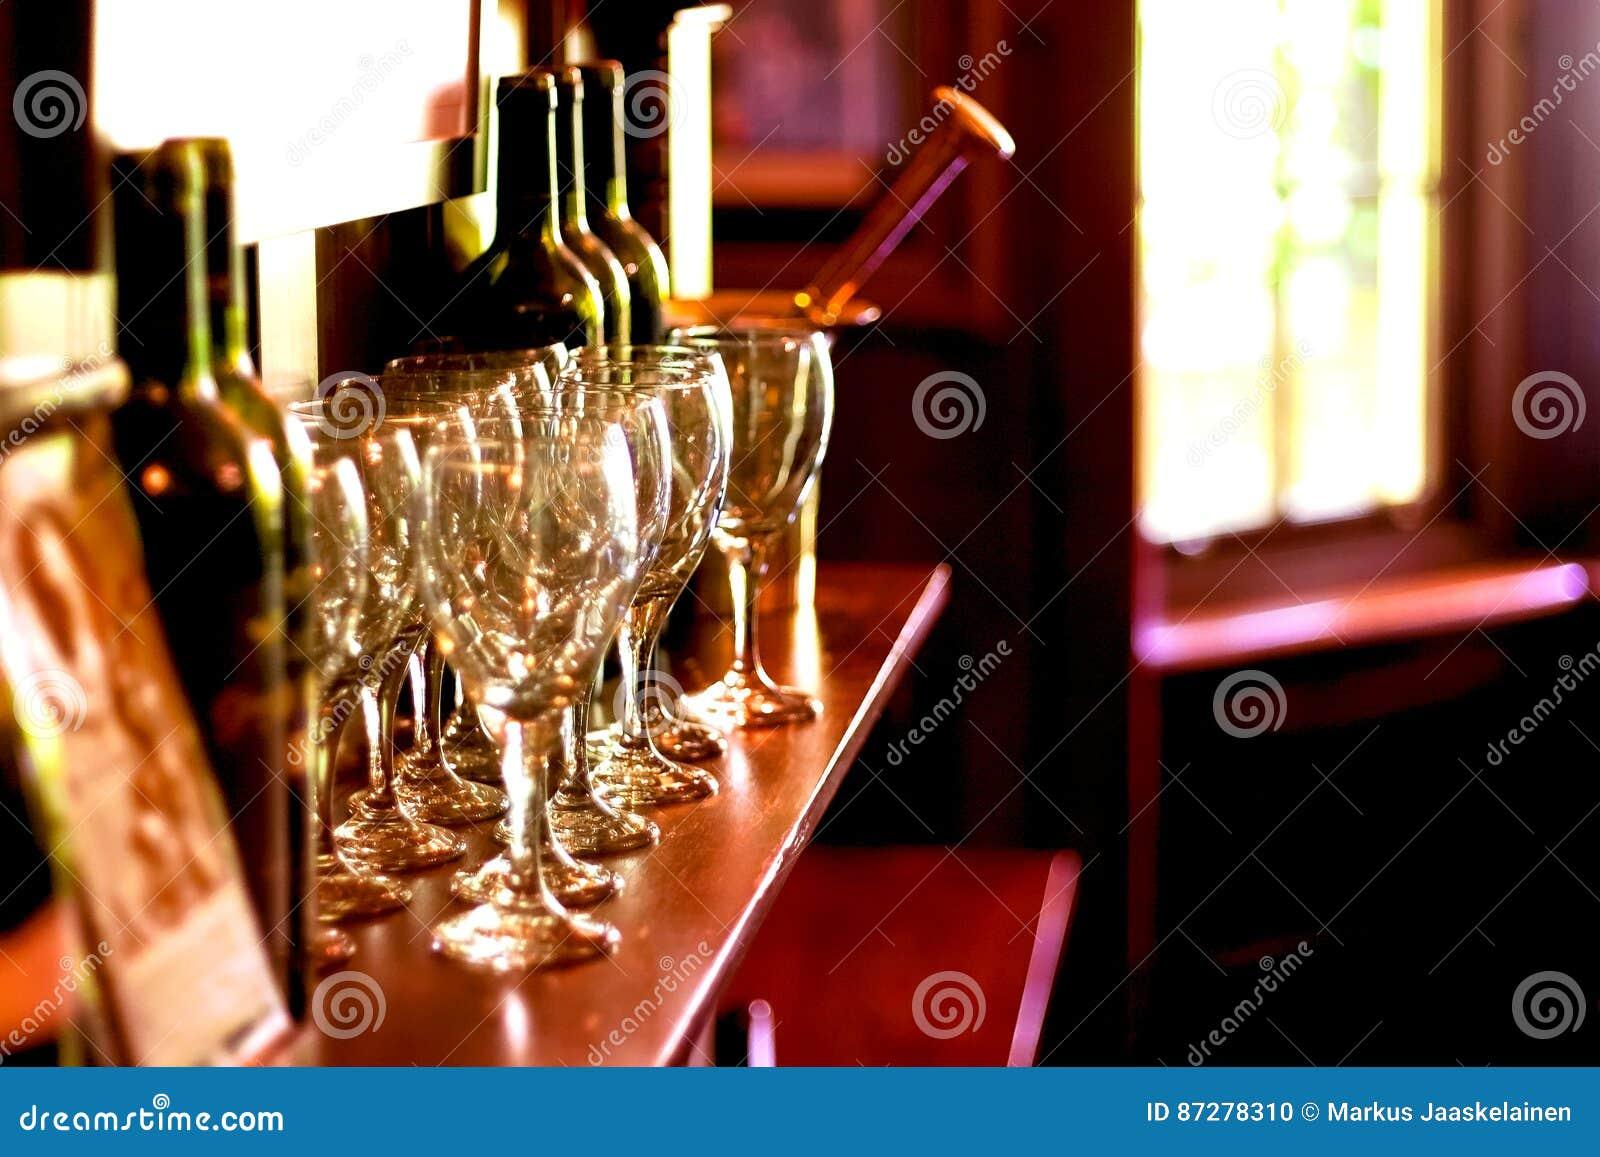 Hölzerne kamineinfassung mit weinflaschen gläsern und mortrar und